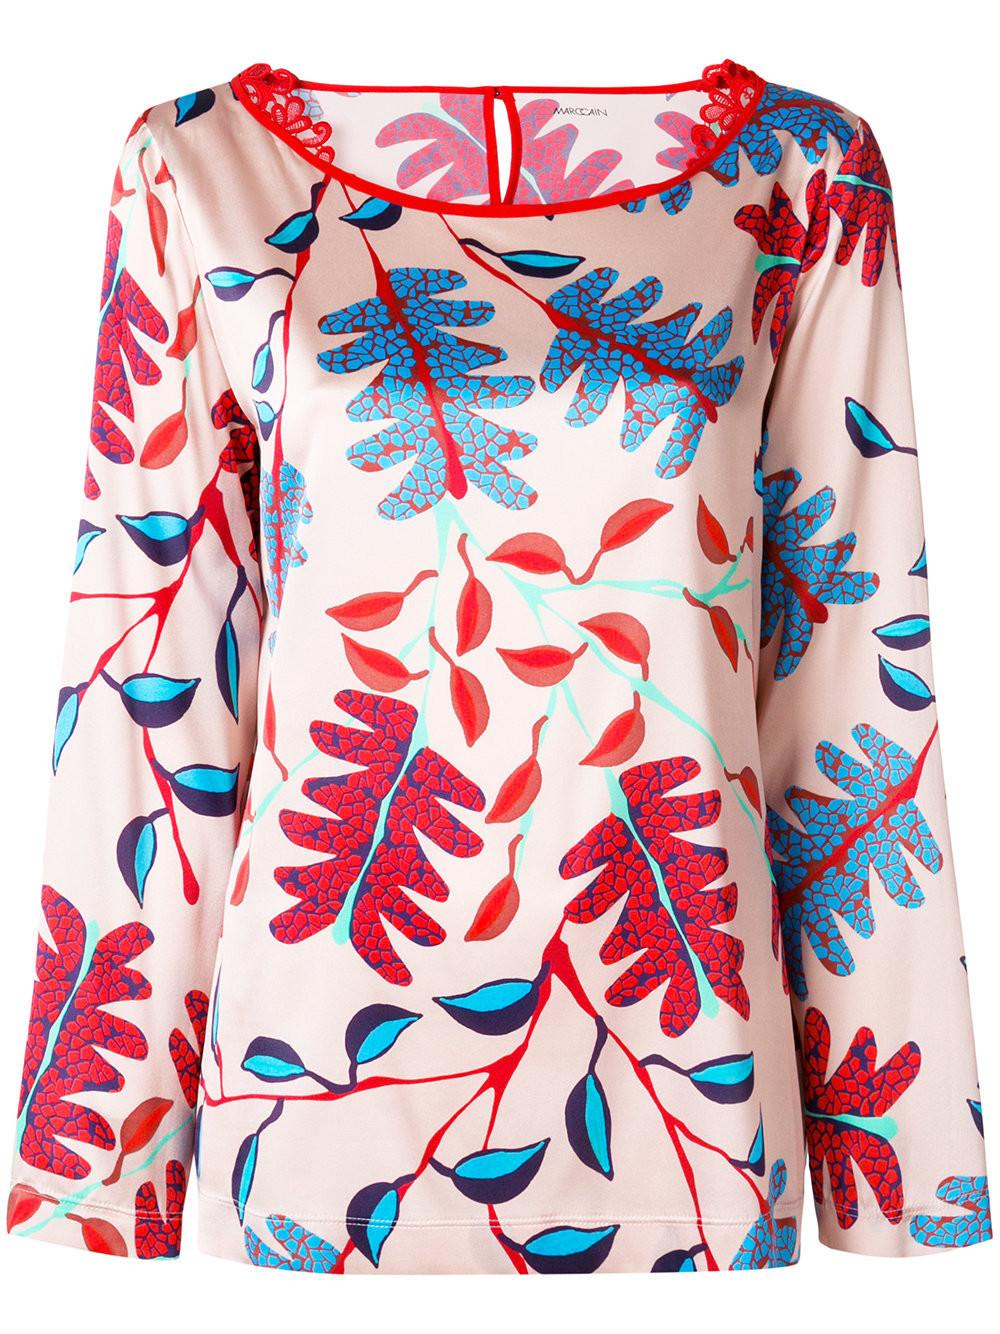 Купить Блузку С Цветочным Принтом